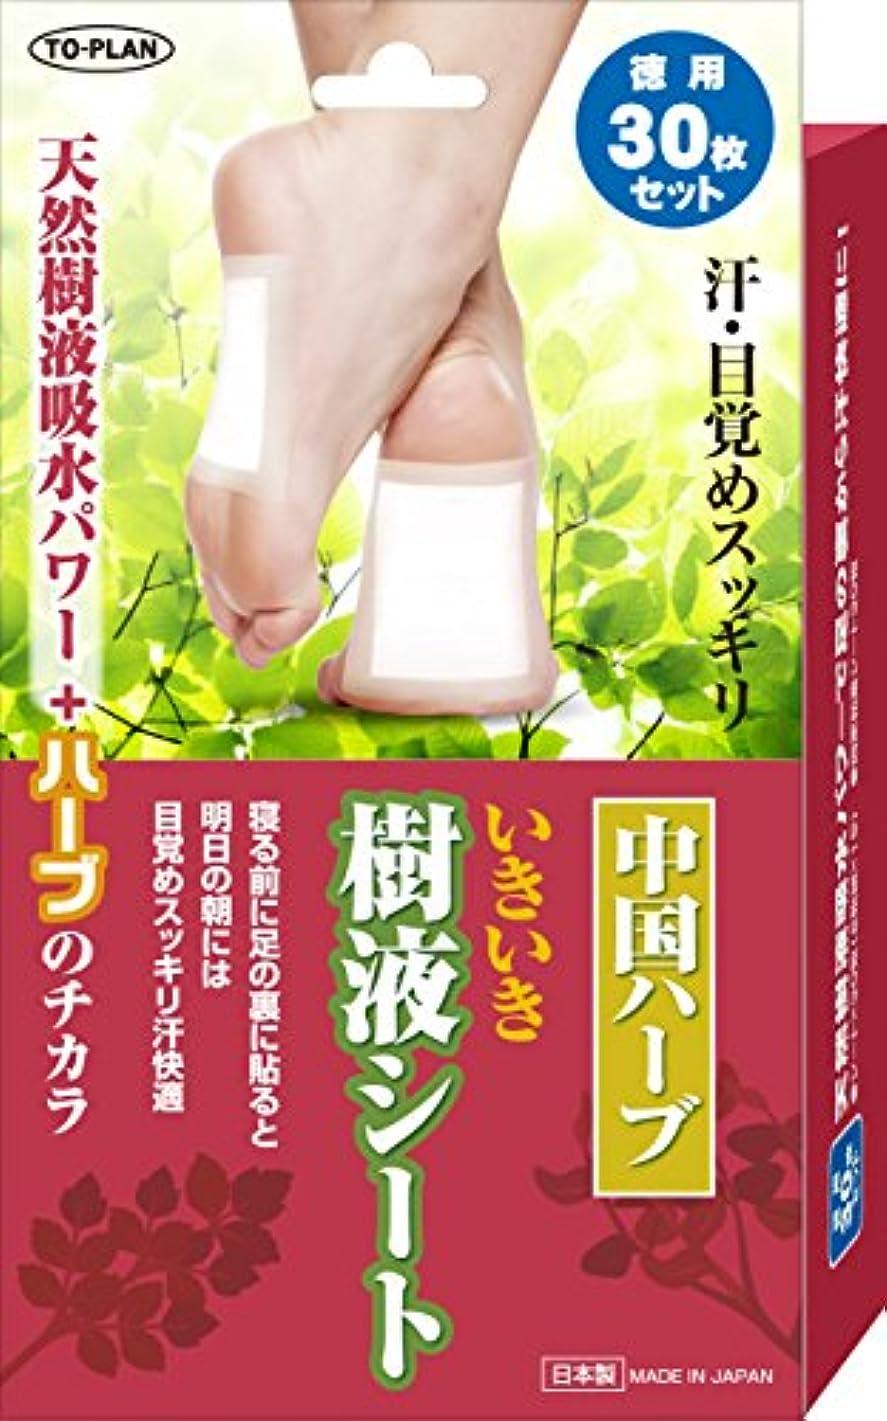 血まみれ靴作曲家TO-PLAN(トプラン) 中国ハーブいきいき樹液シート30枚入